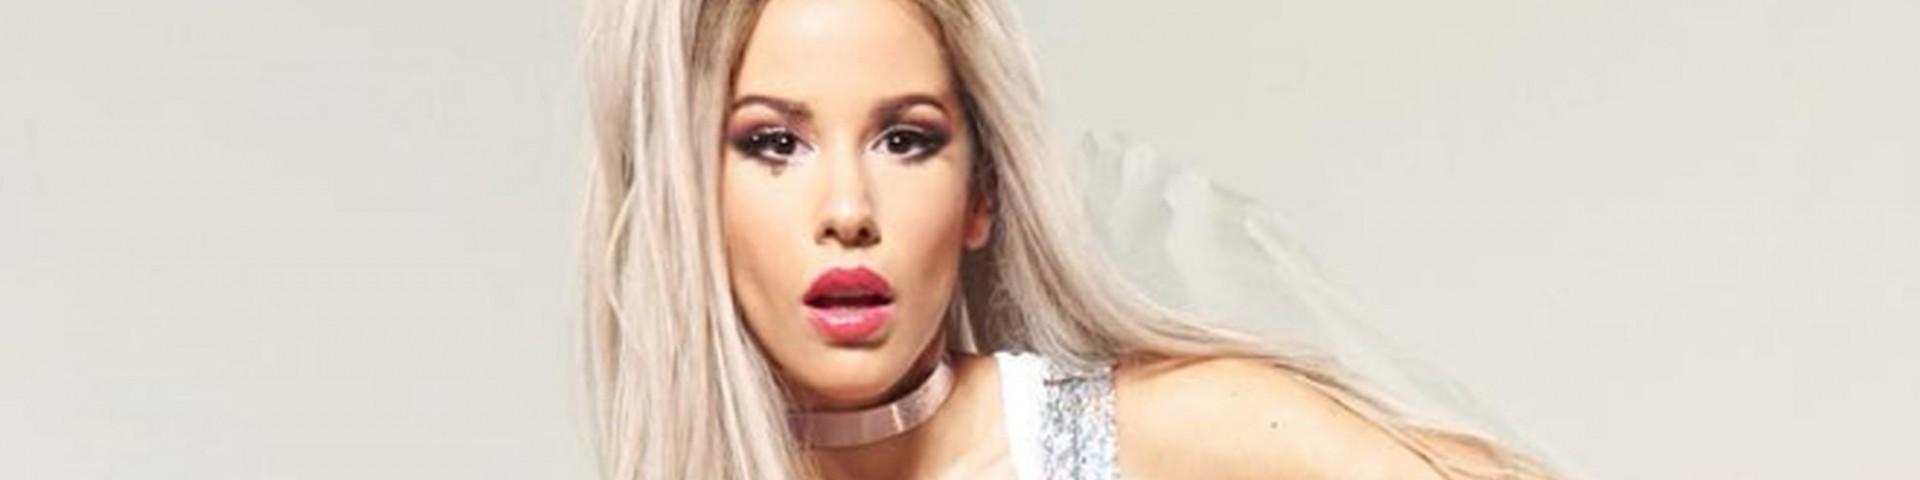 """Veronica delle Lollipop contro Baby K: """"La discografia italiana propone spazzatura"""""""